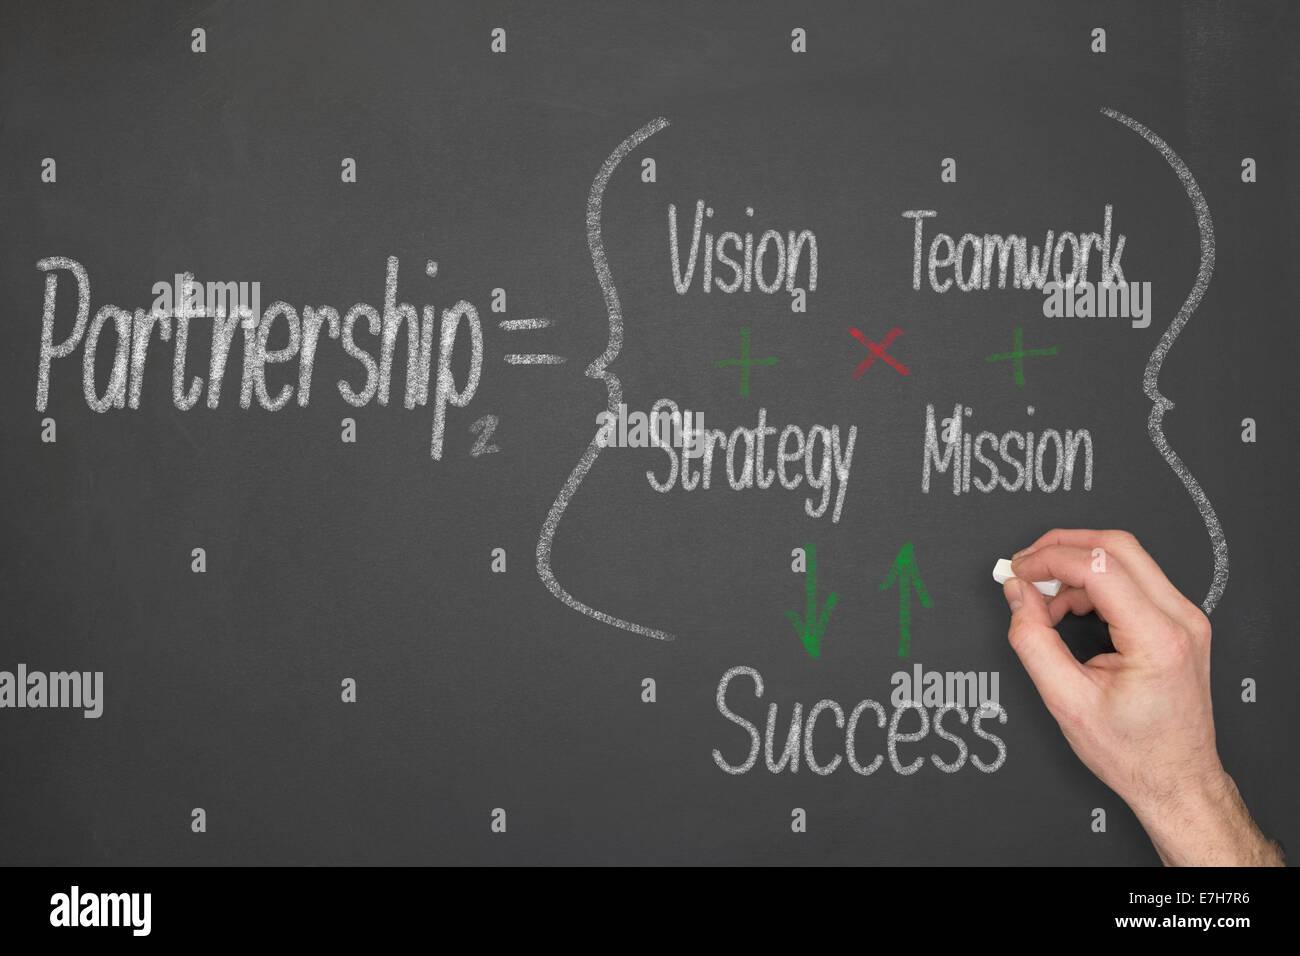 Concepto de asociación la fórmula en una pizarra Imagen De Stock